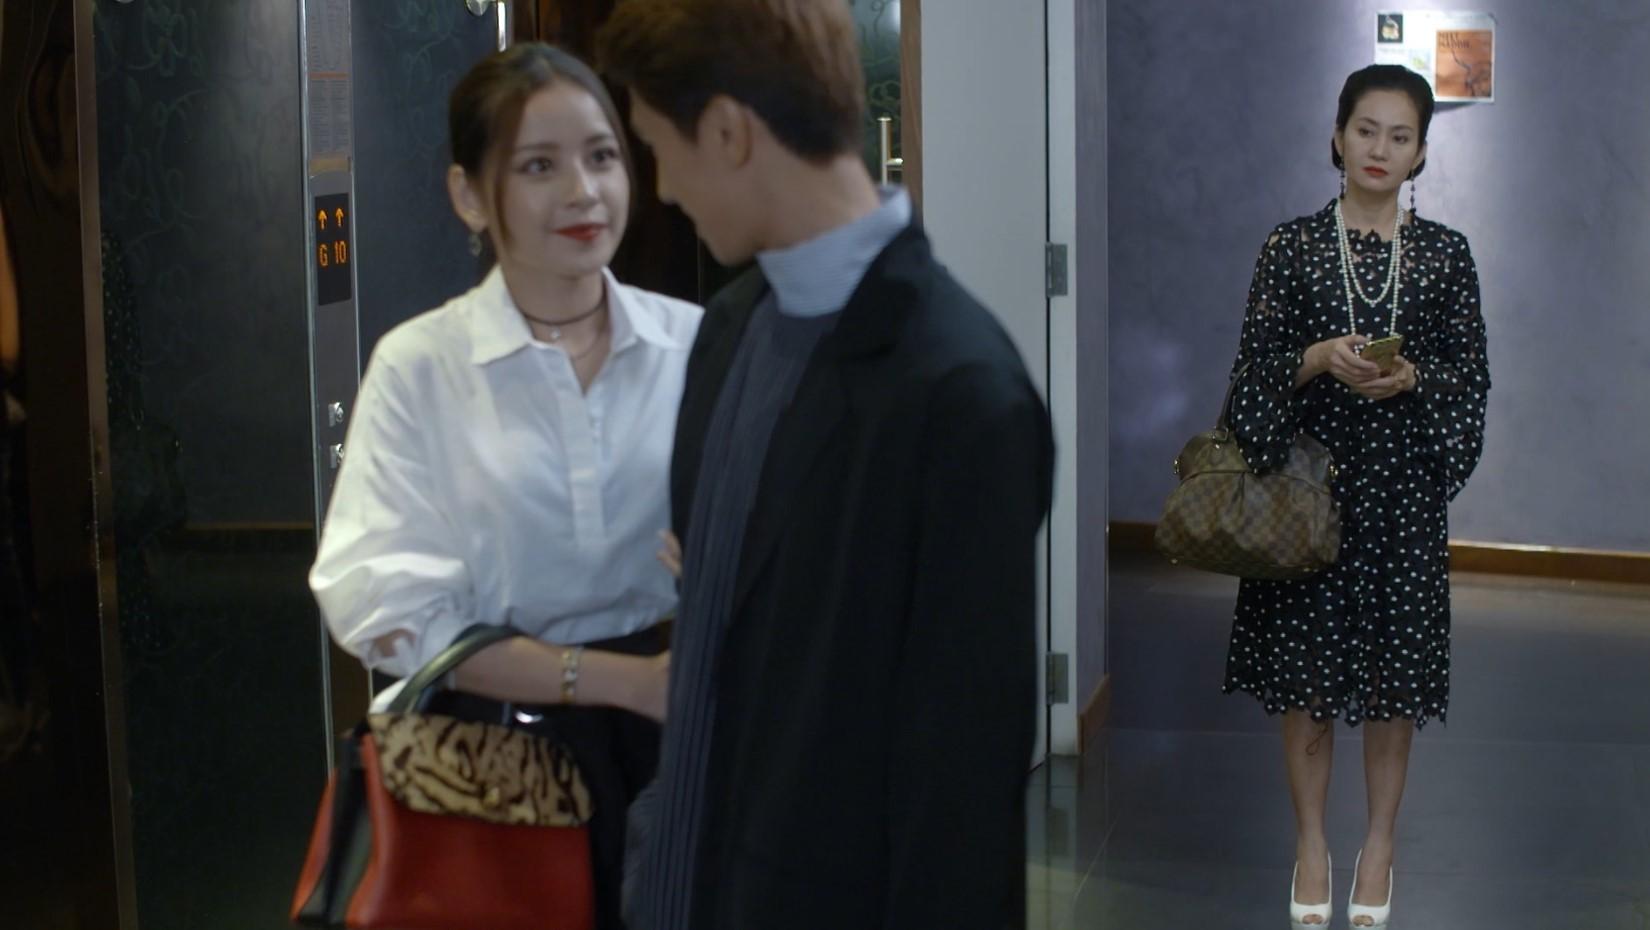 Vốn không ưa con riêng của chồng, có thể mẹ kế sẽ là nhân vật khiến Hạ Linh phải dè chừng.